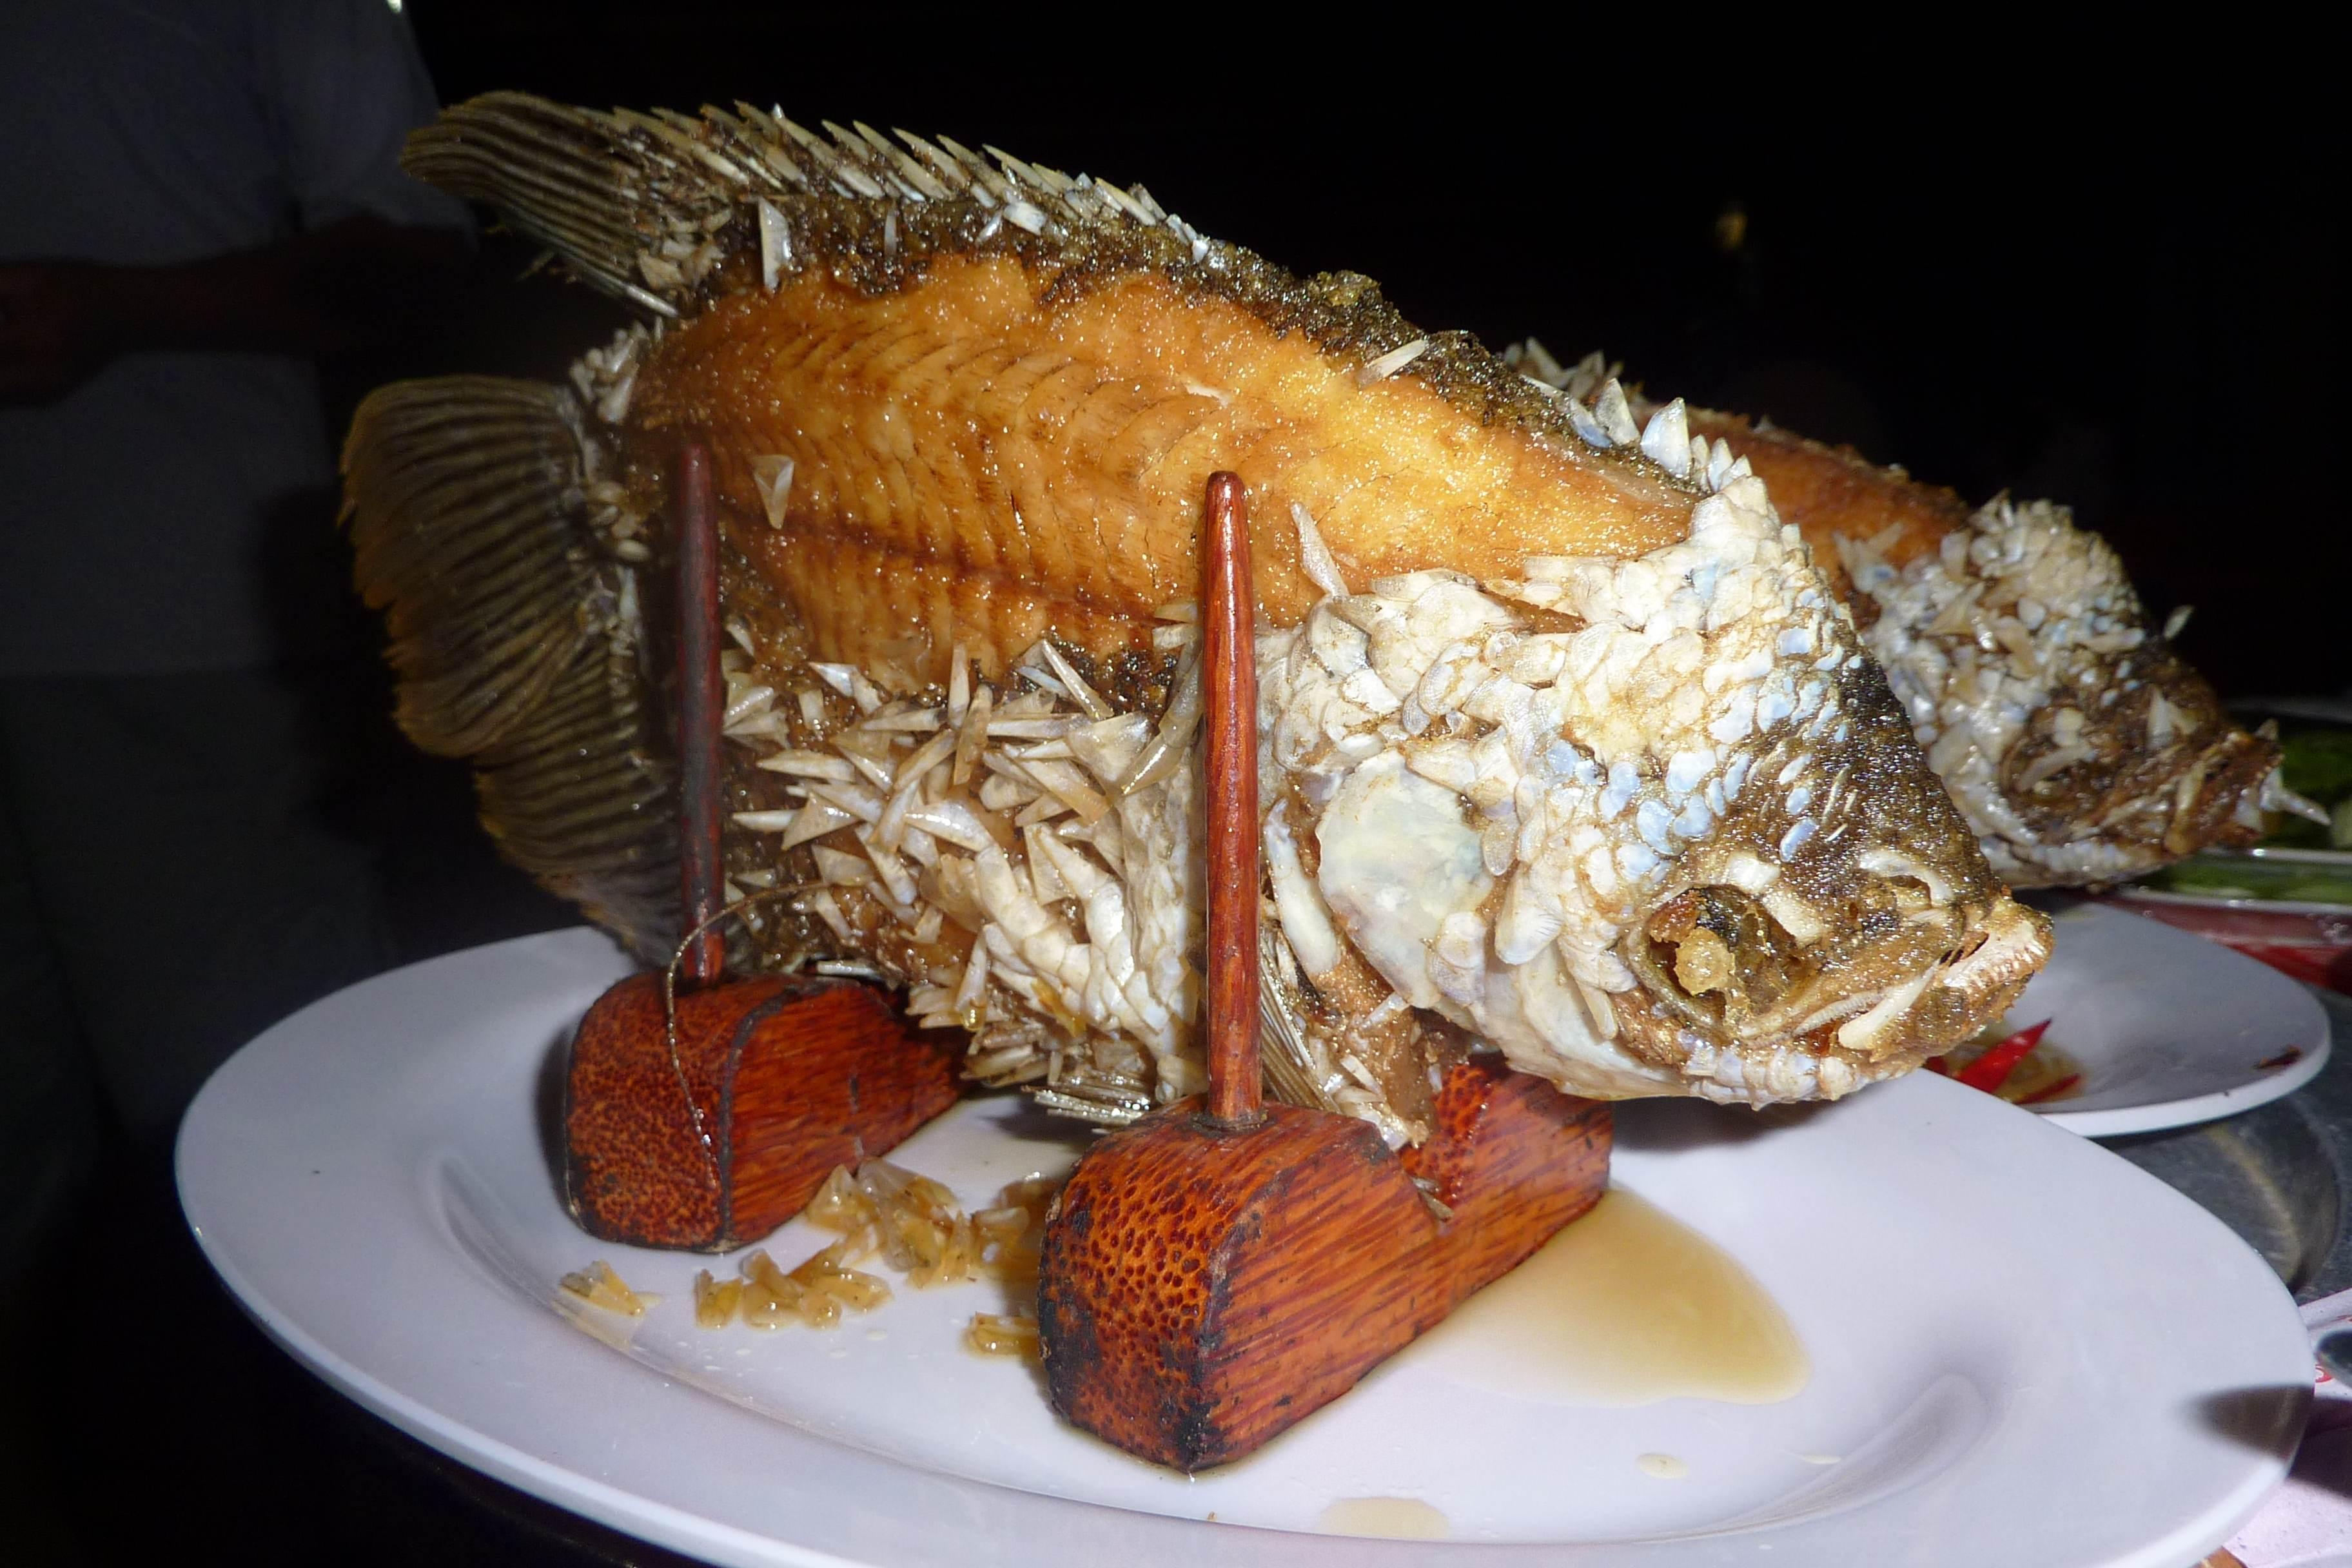 Kulinarisch unterwegs im Mekongdelta. Von Drachenaugen und Elefantenohrfischen. vietnam sonne land und leute asien  tui berlin vietnam mekong elefantenohrfisch 1